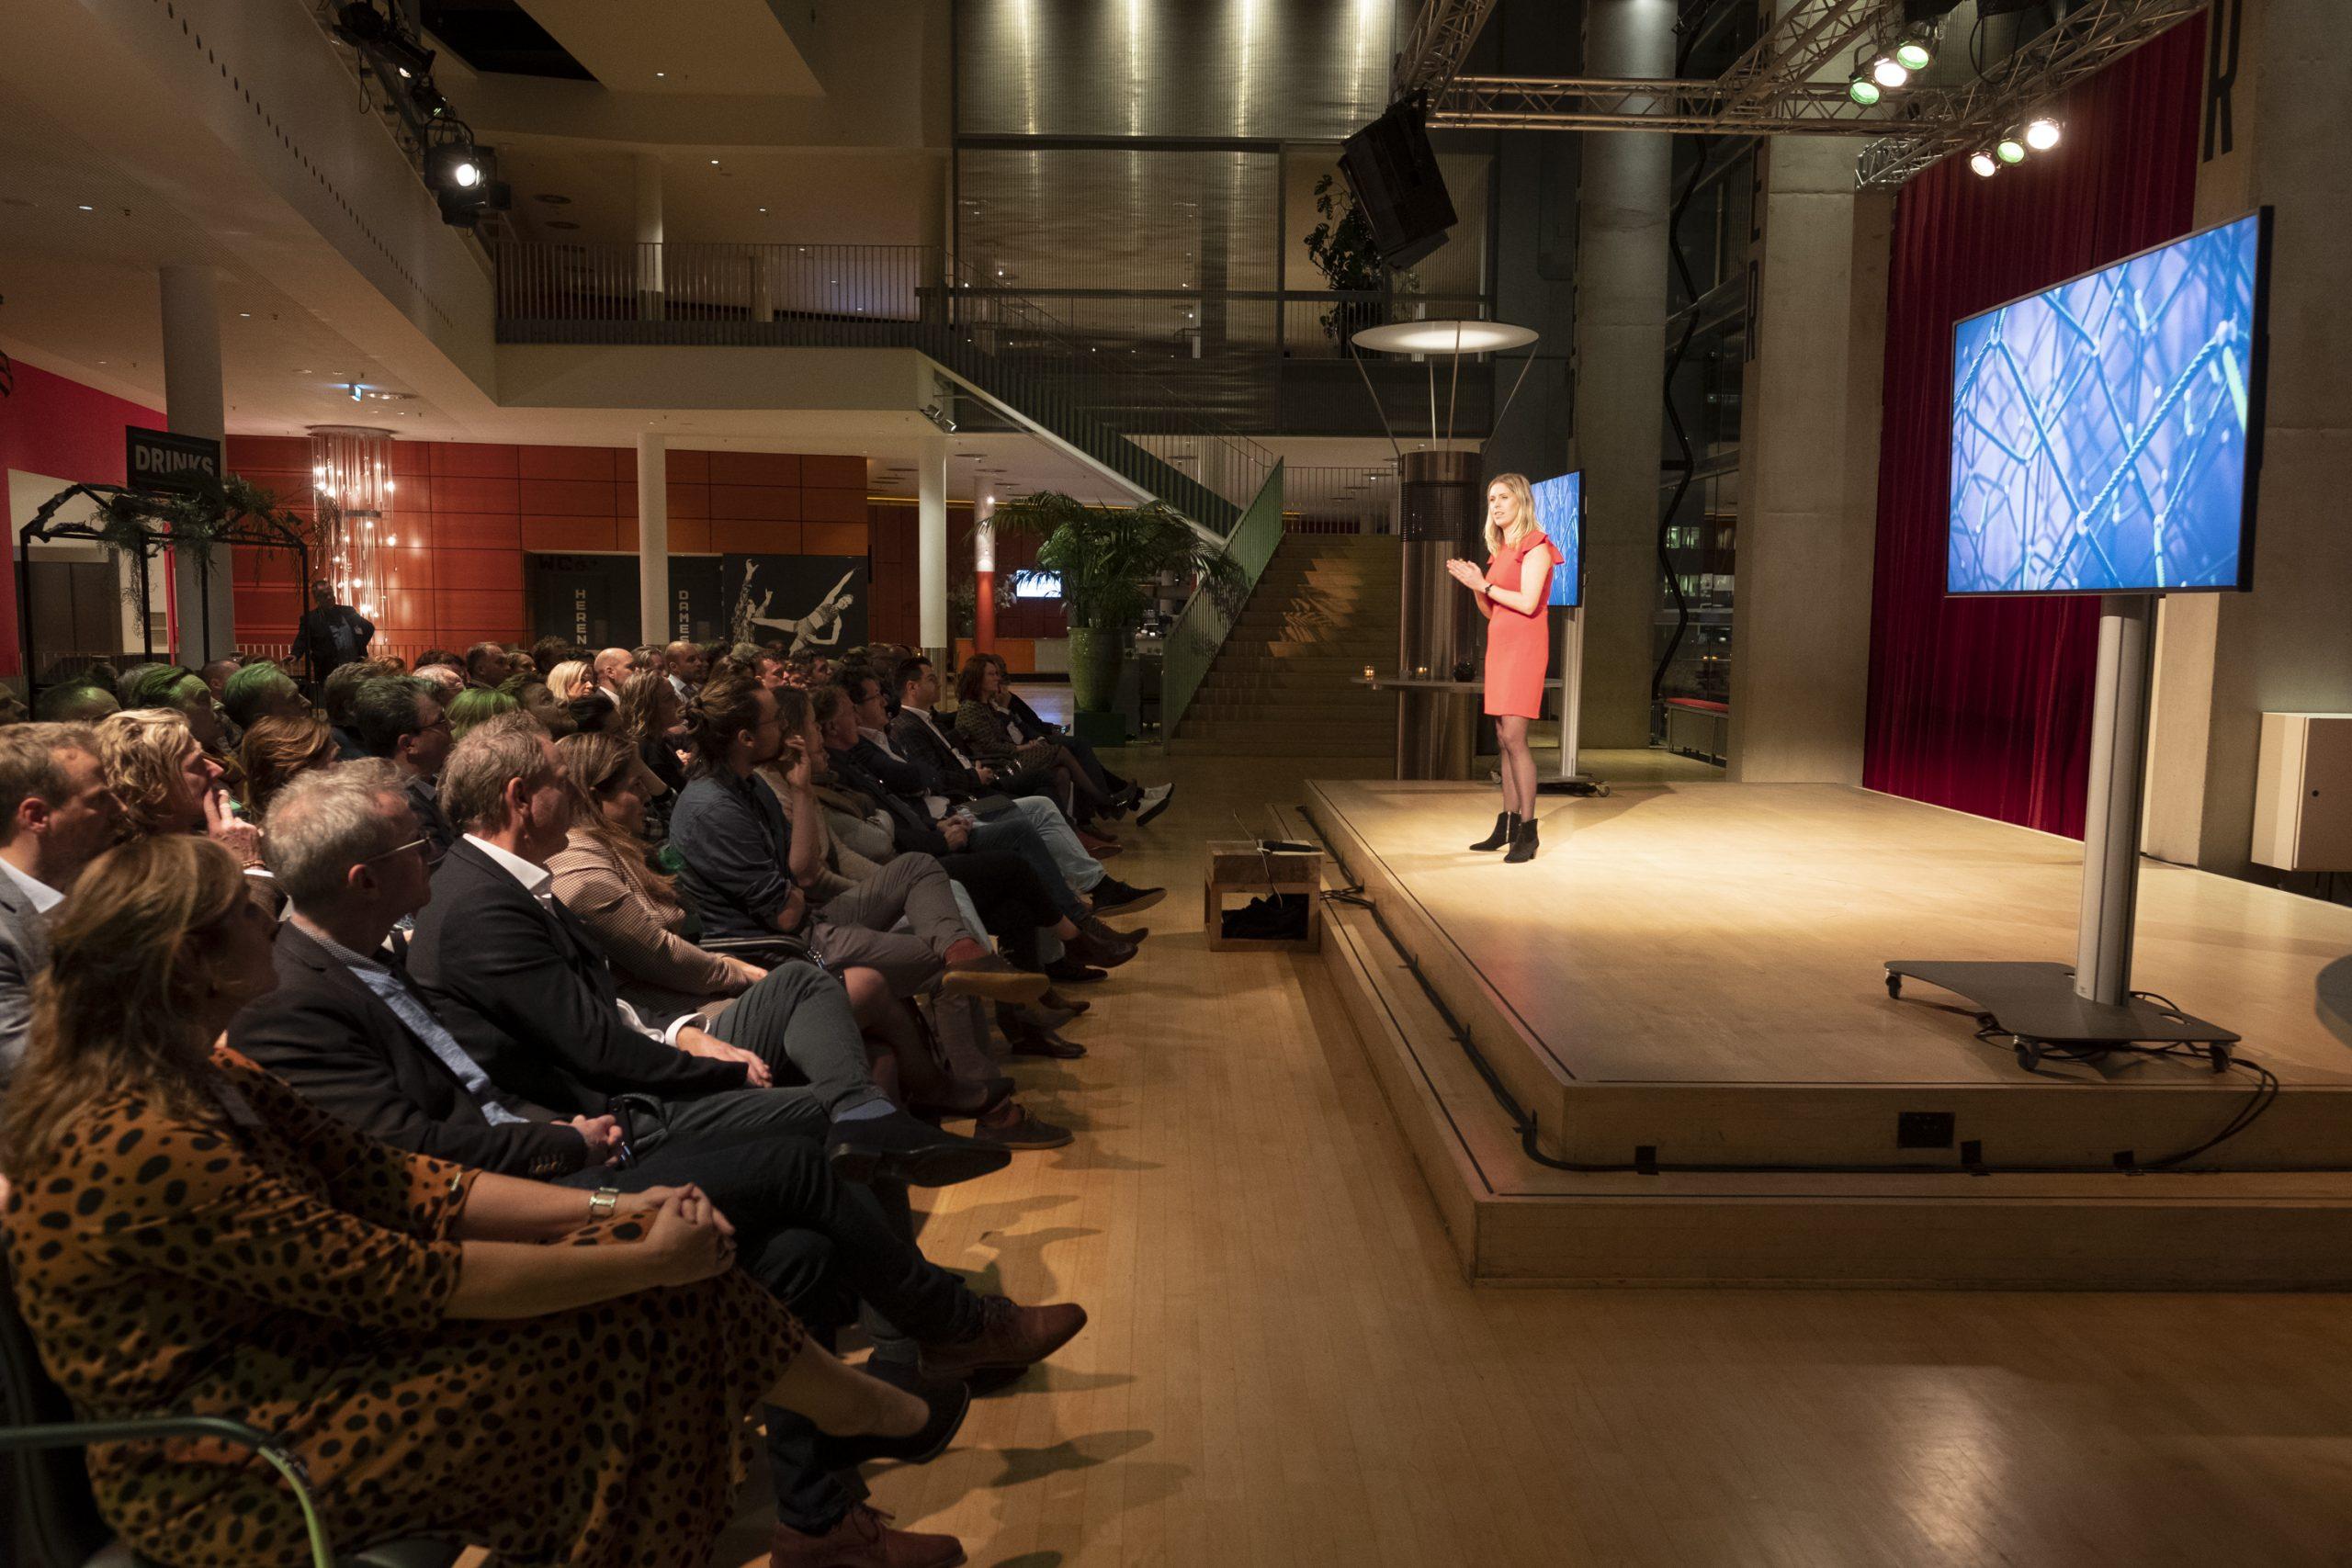 Janne Vereijken PAAS Product As A Service, Circulaire economie